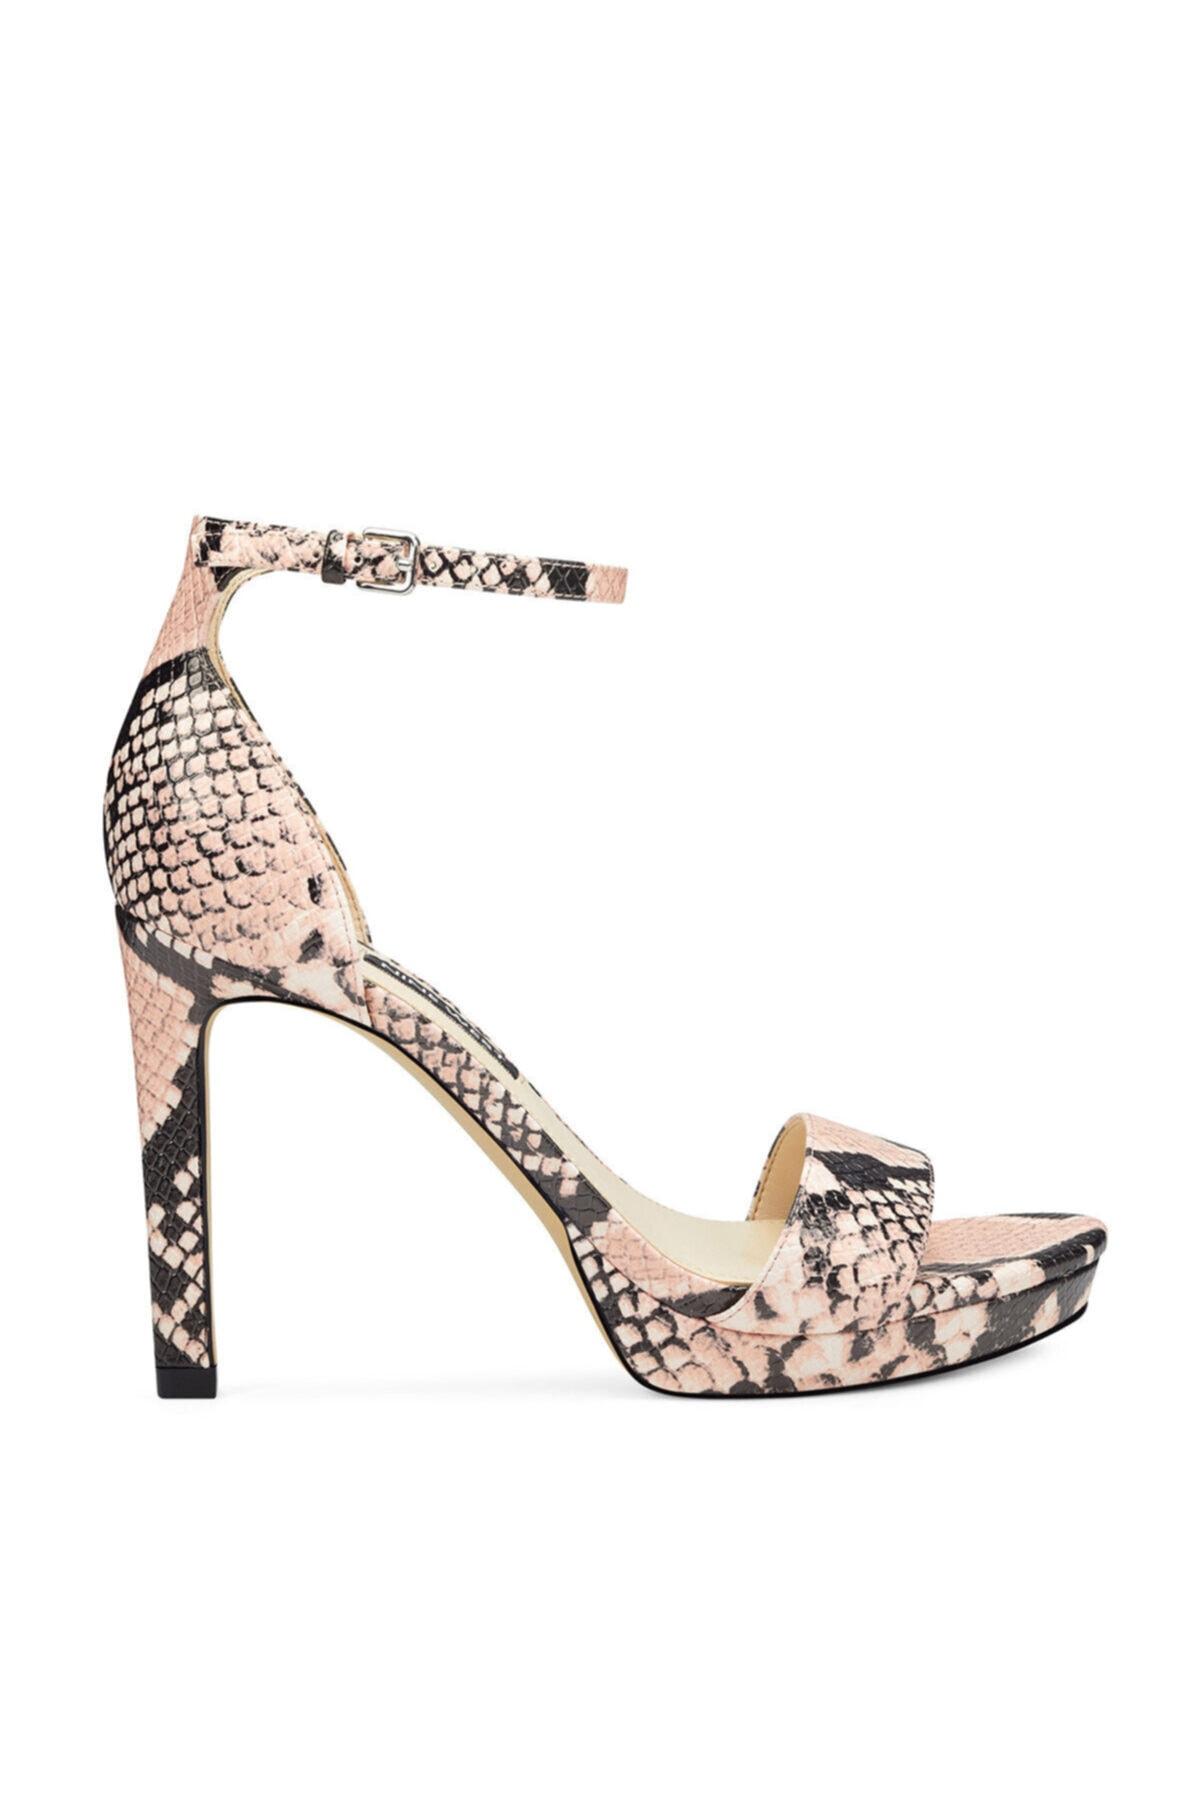 Nine West EDYN Pembe Kadın Topuklu Ayakkabı 100578630 1